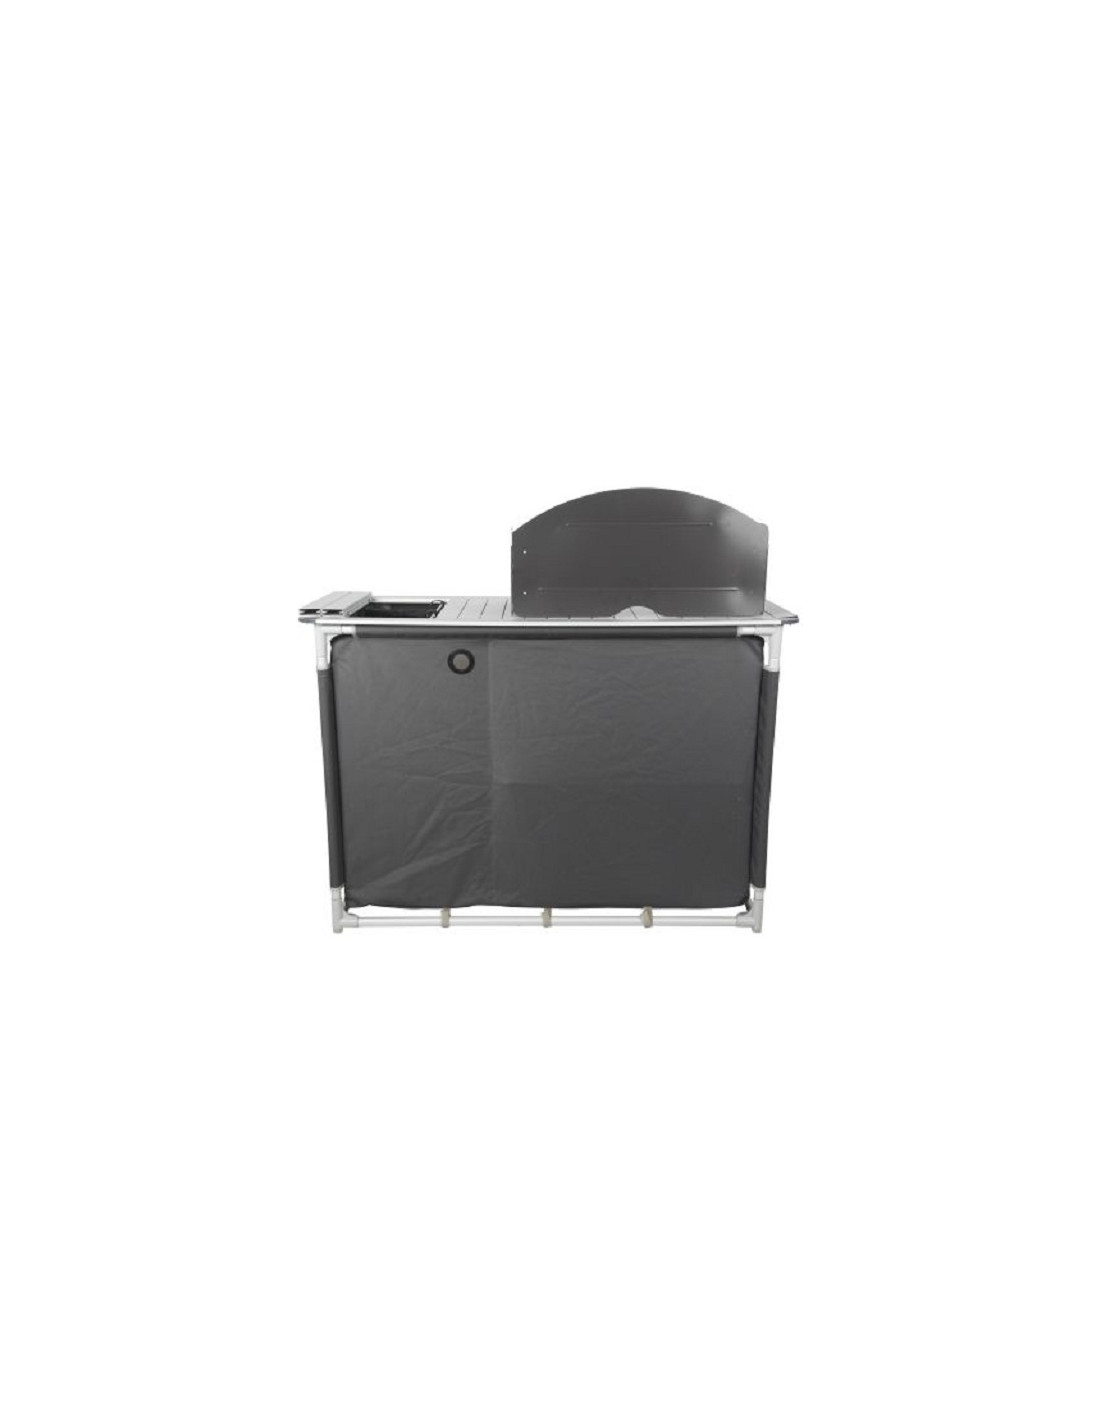 Mueble cocina Midland en aluminio con fregadero | Tienda de Camping ...